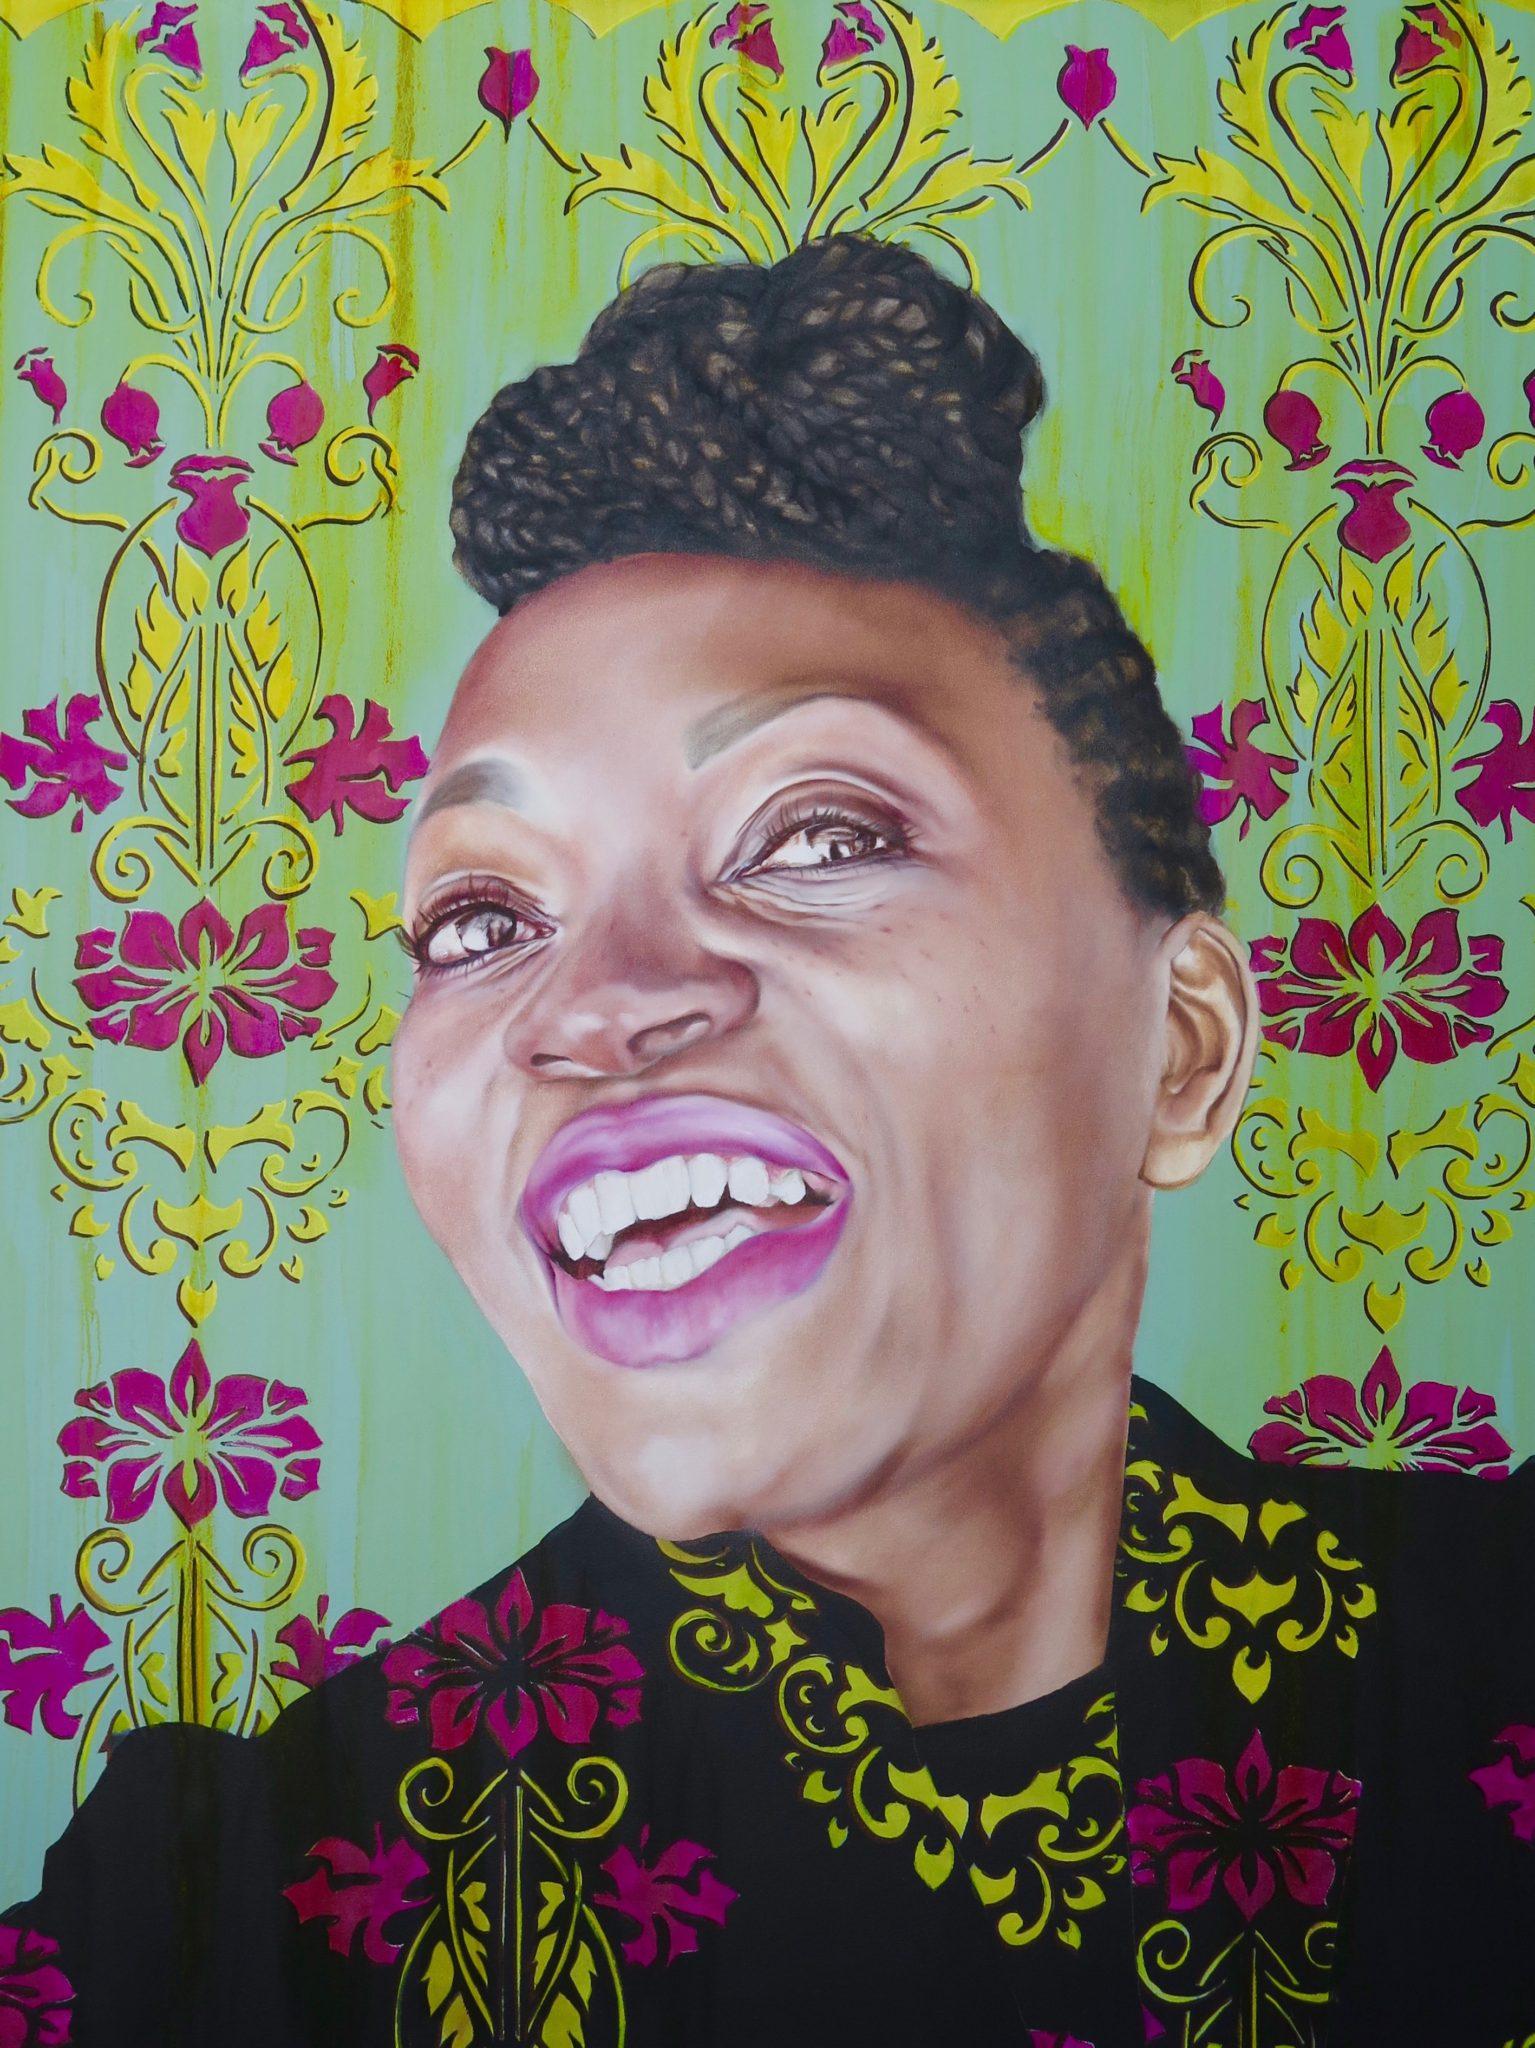 Marguerite by Vanessa Berlein